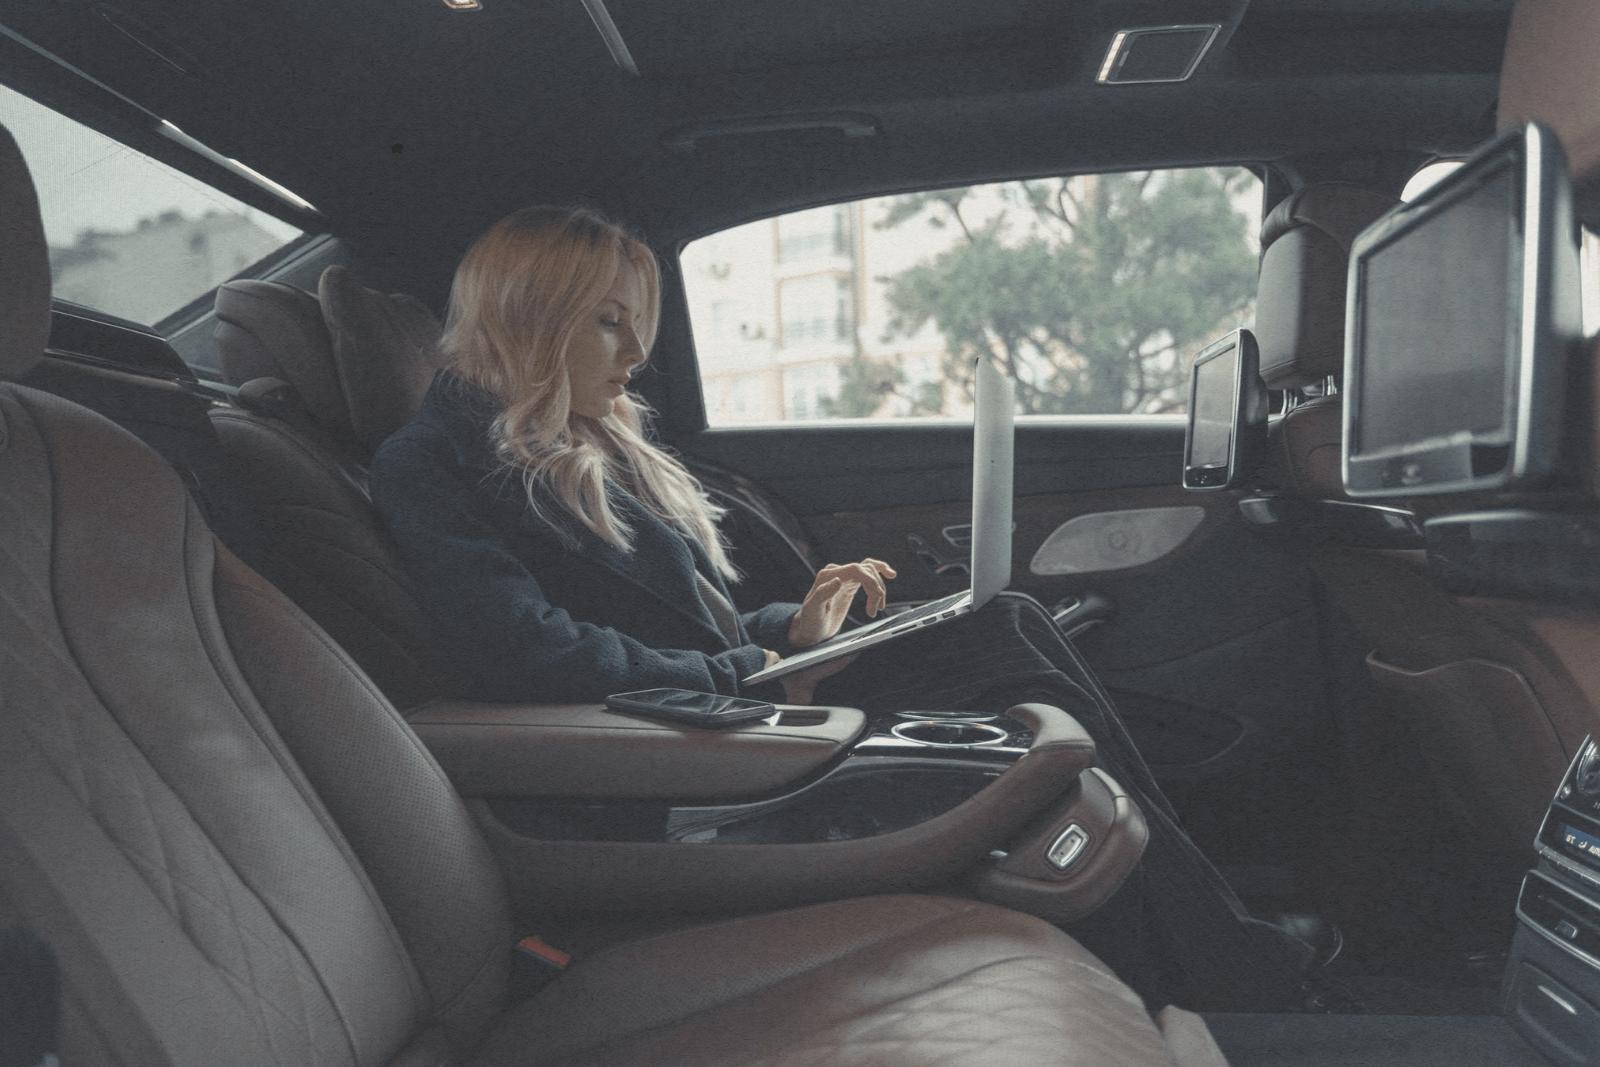 Women in car on laptop